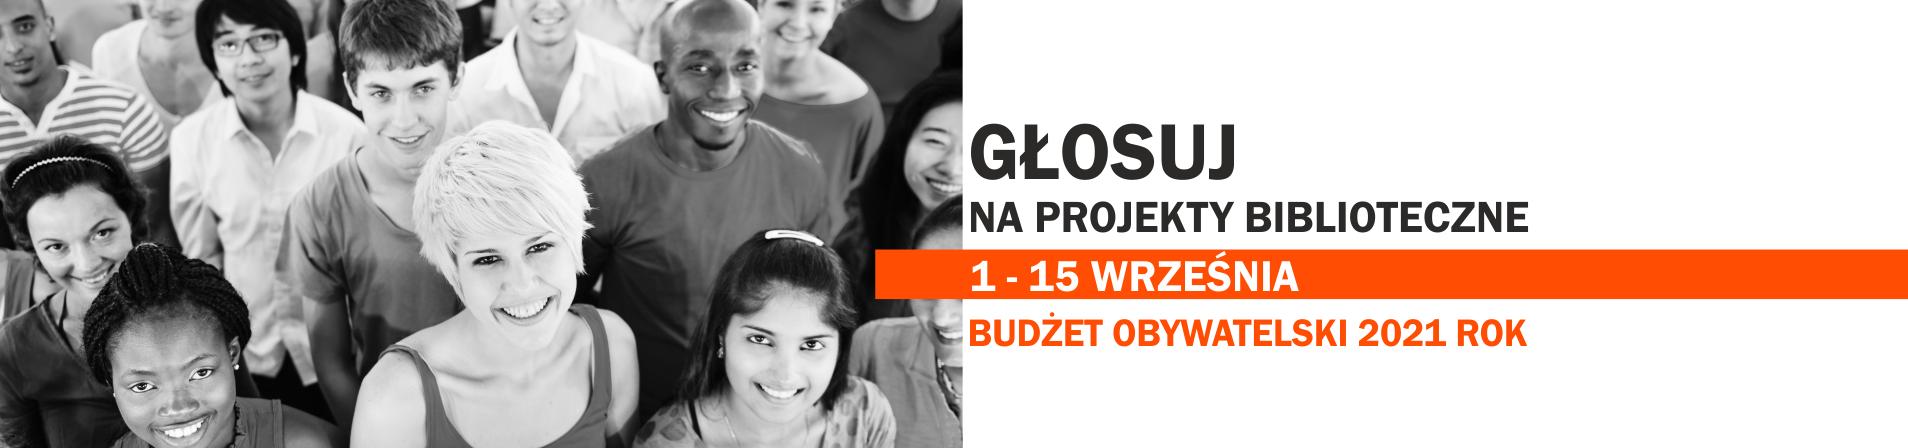 Budżet Obywatelski 2021 rok